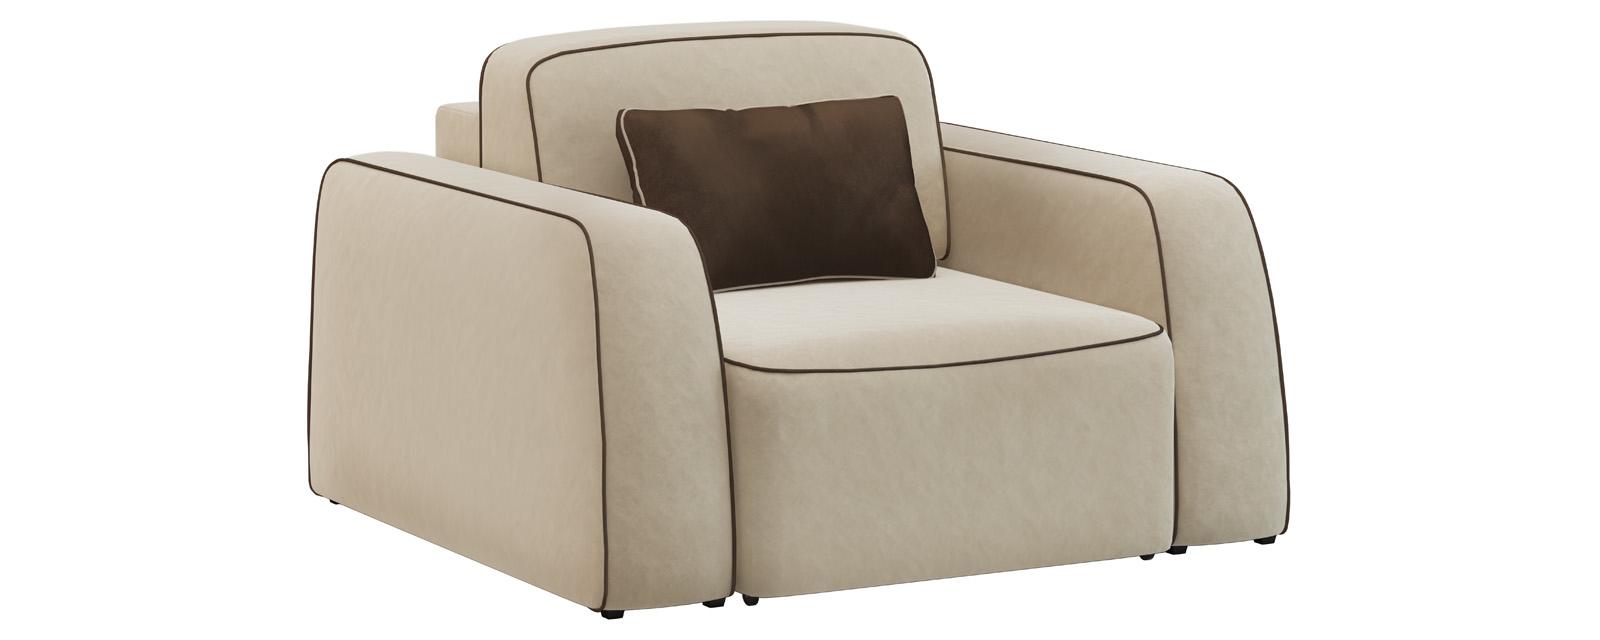 Кресло тканевое Портленд 80 см Velure бежевый/темно-коричневый (Велюр)